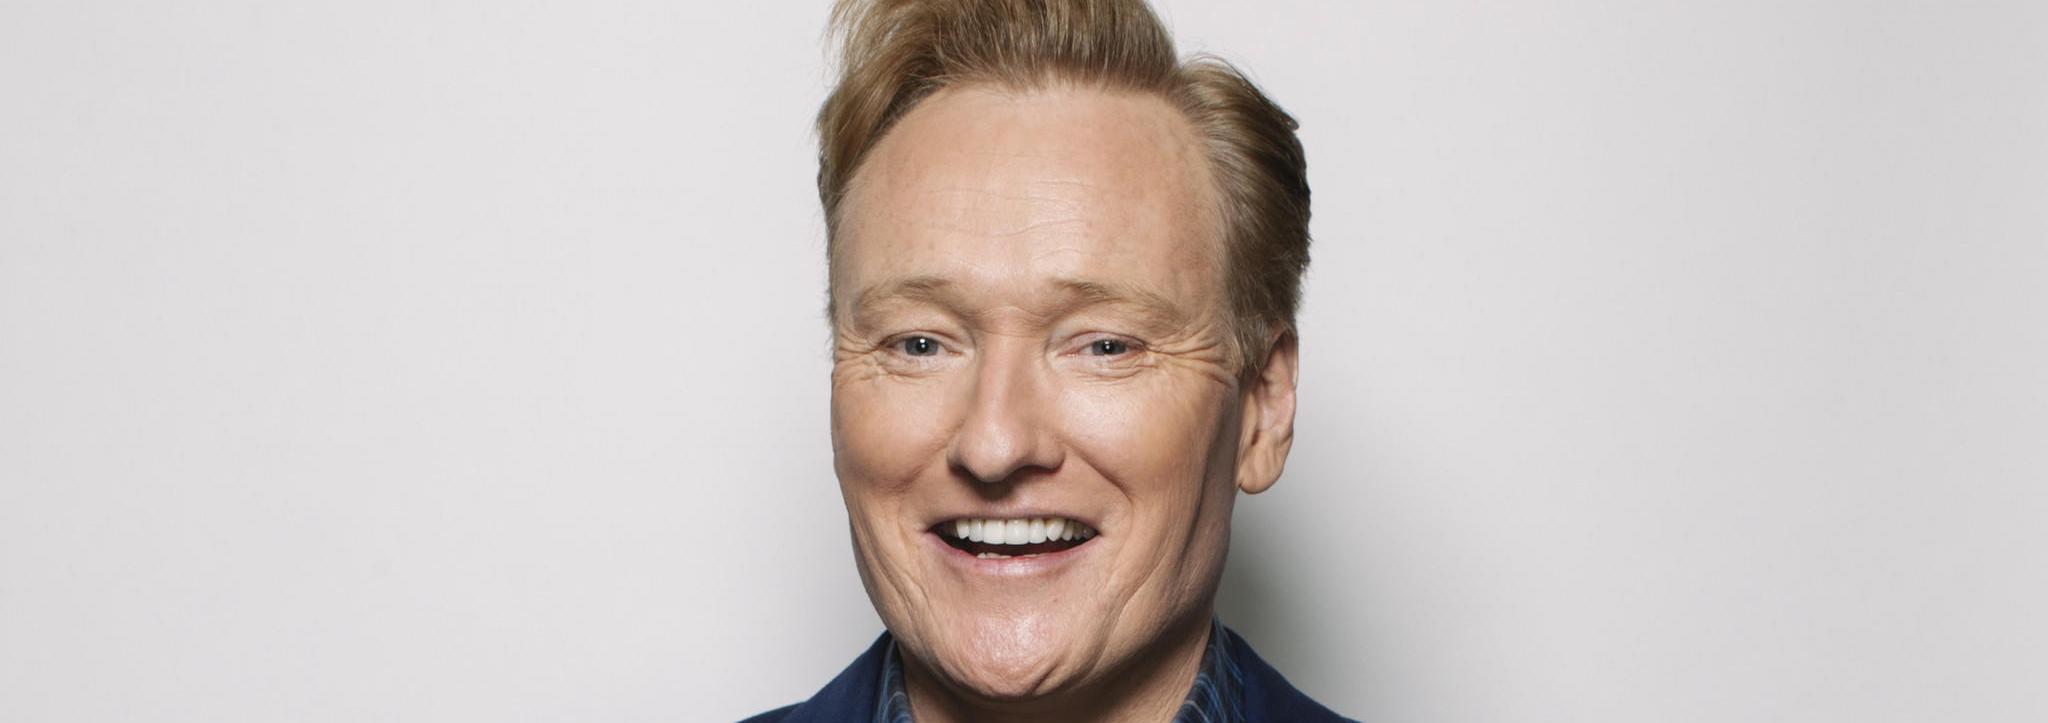 Conan O'Brien Filming A Haiti Special